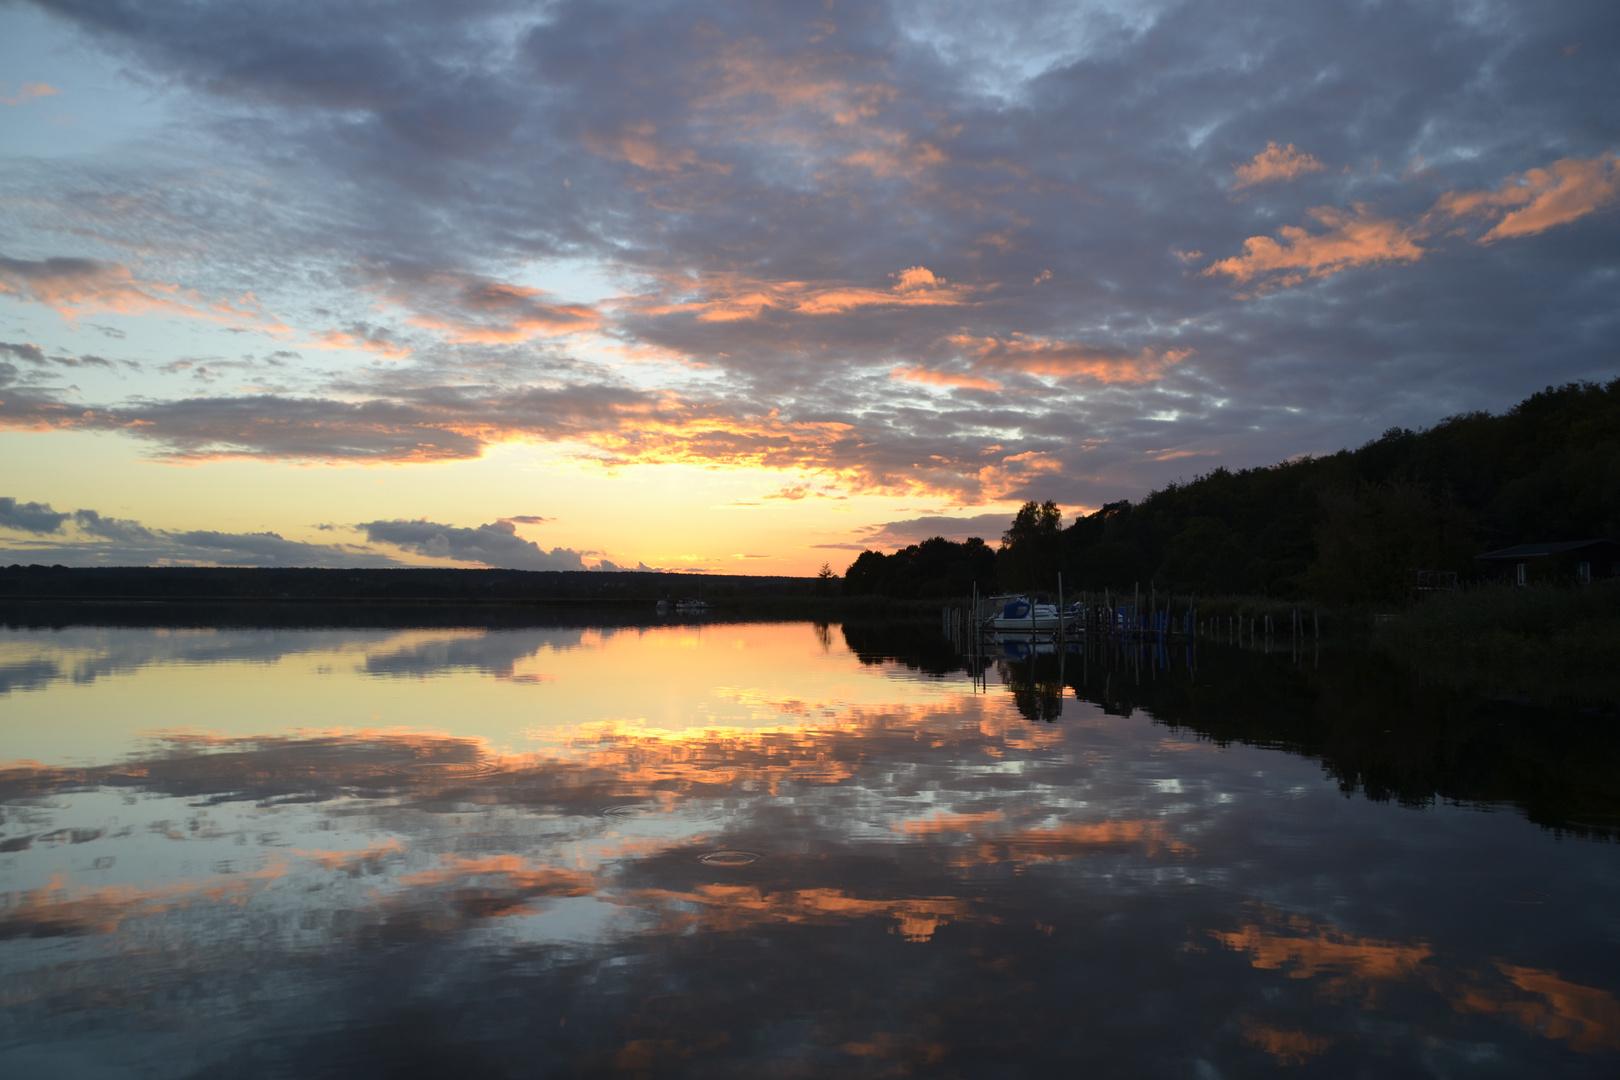 Sonnenuntergang am Hohendorfer See (Vorpommern)